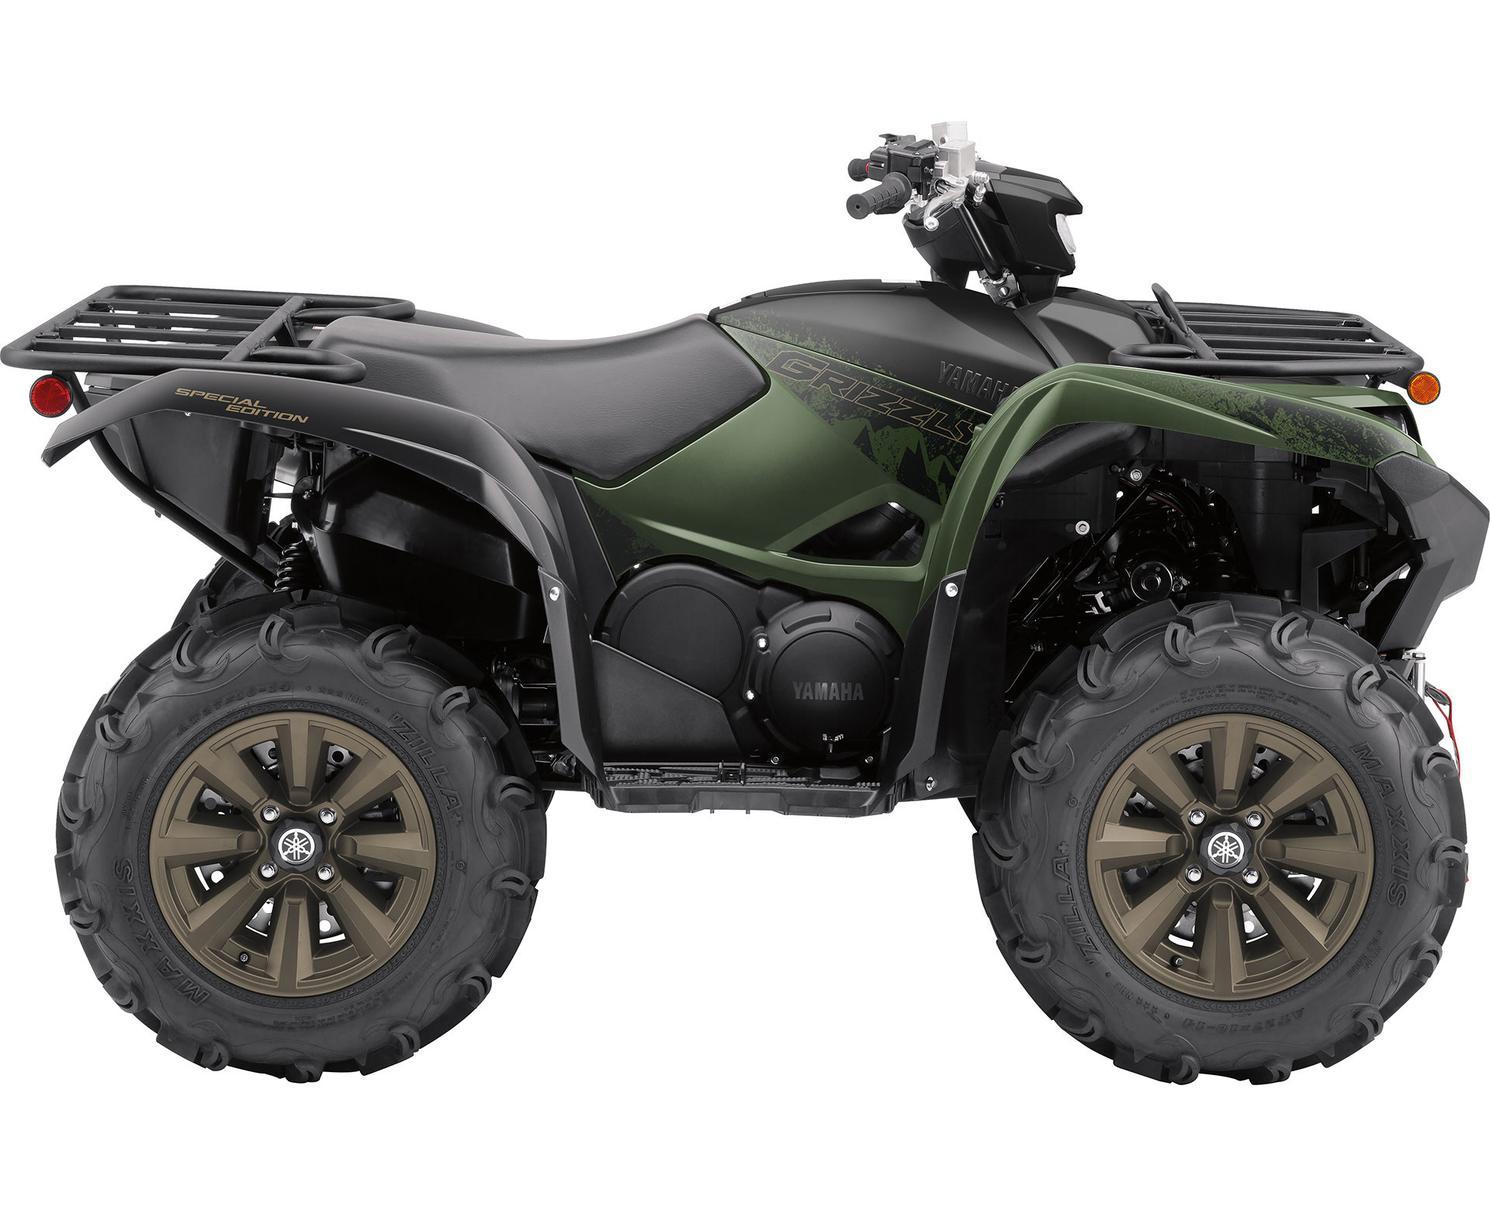 2021 Yamaha Grizzly 700 DAE SE Frais inclus+Taxes